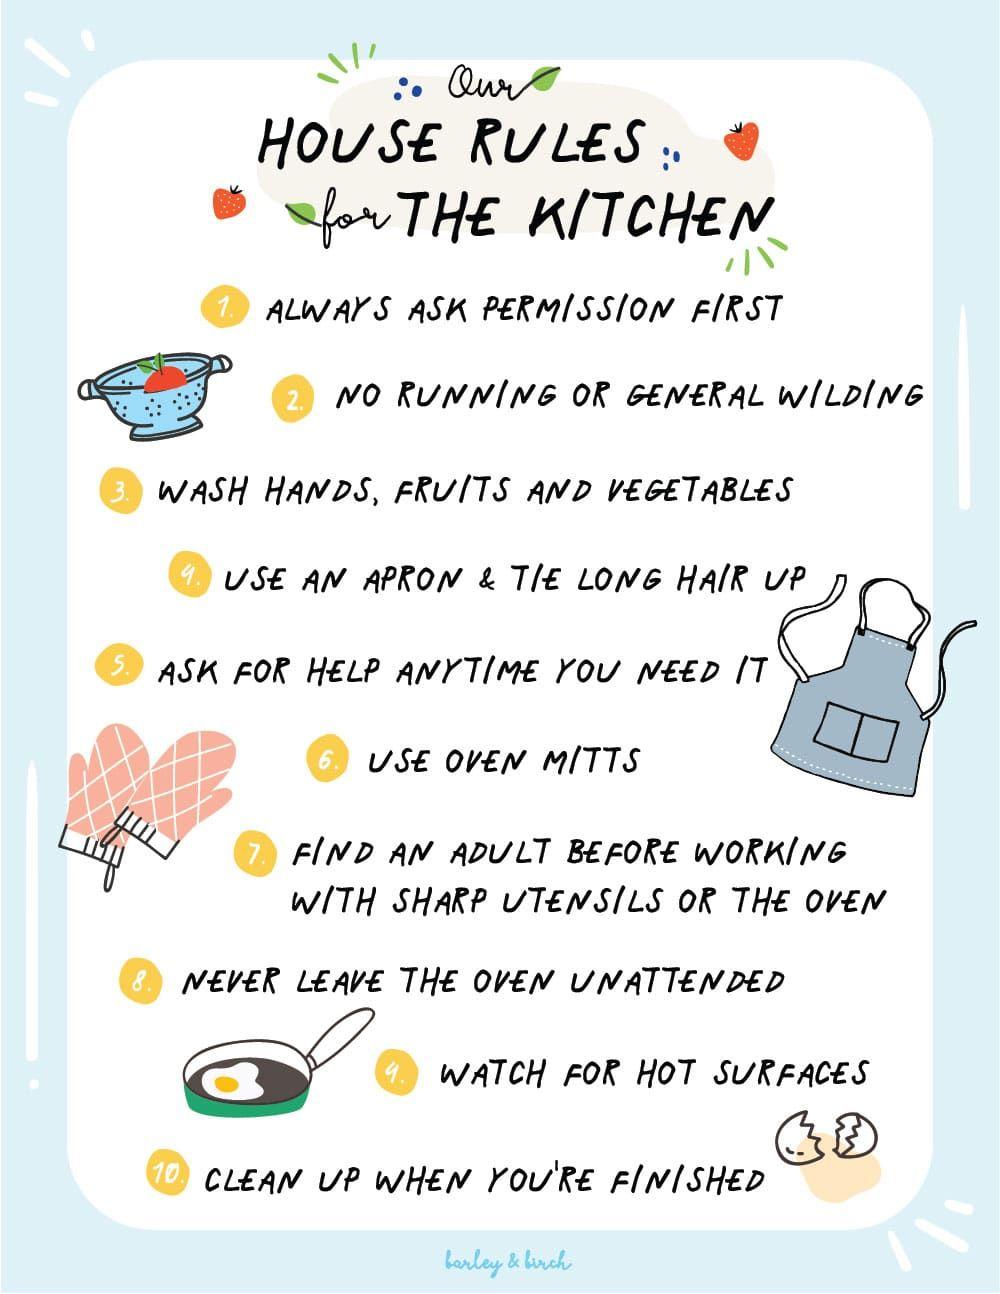 Handson activities to help kids develop kitchen skills in